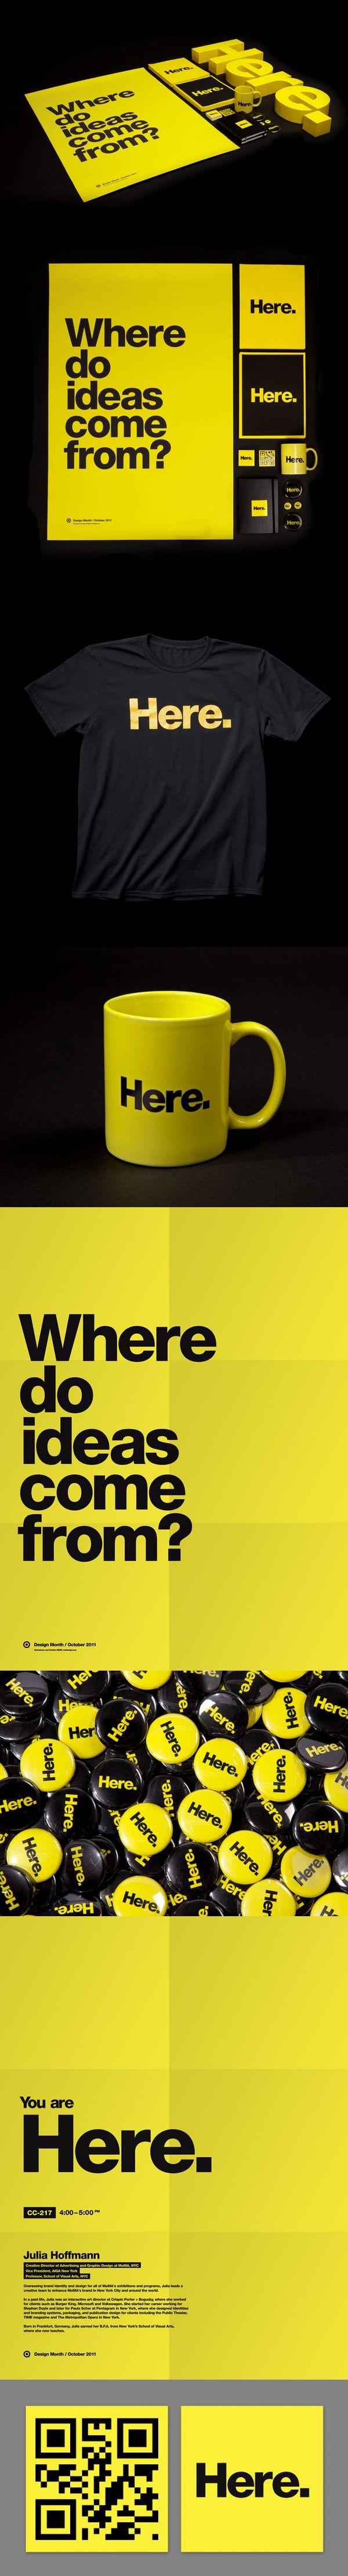 Design Month 2011